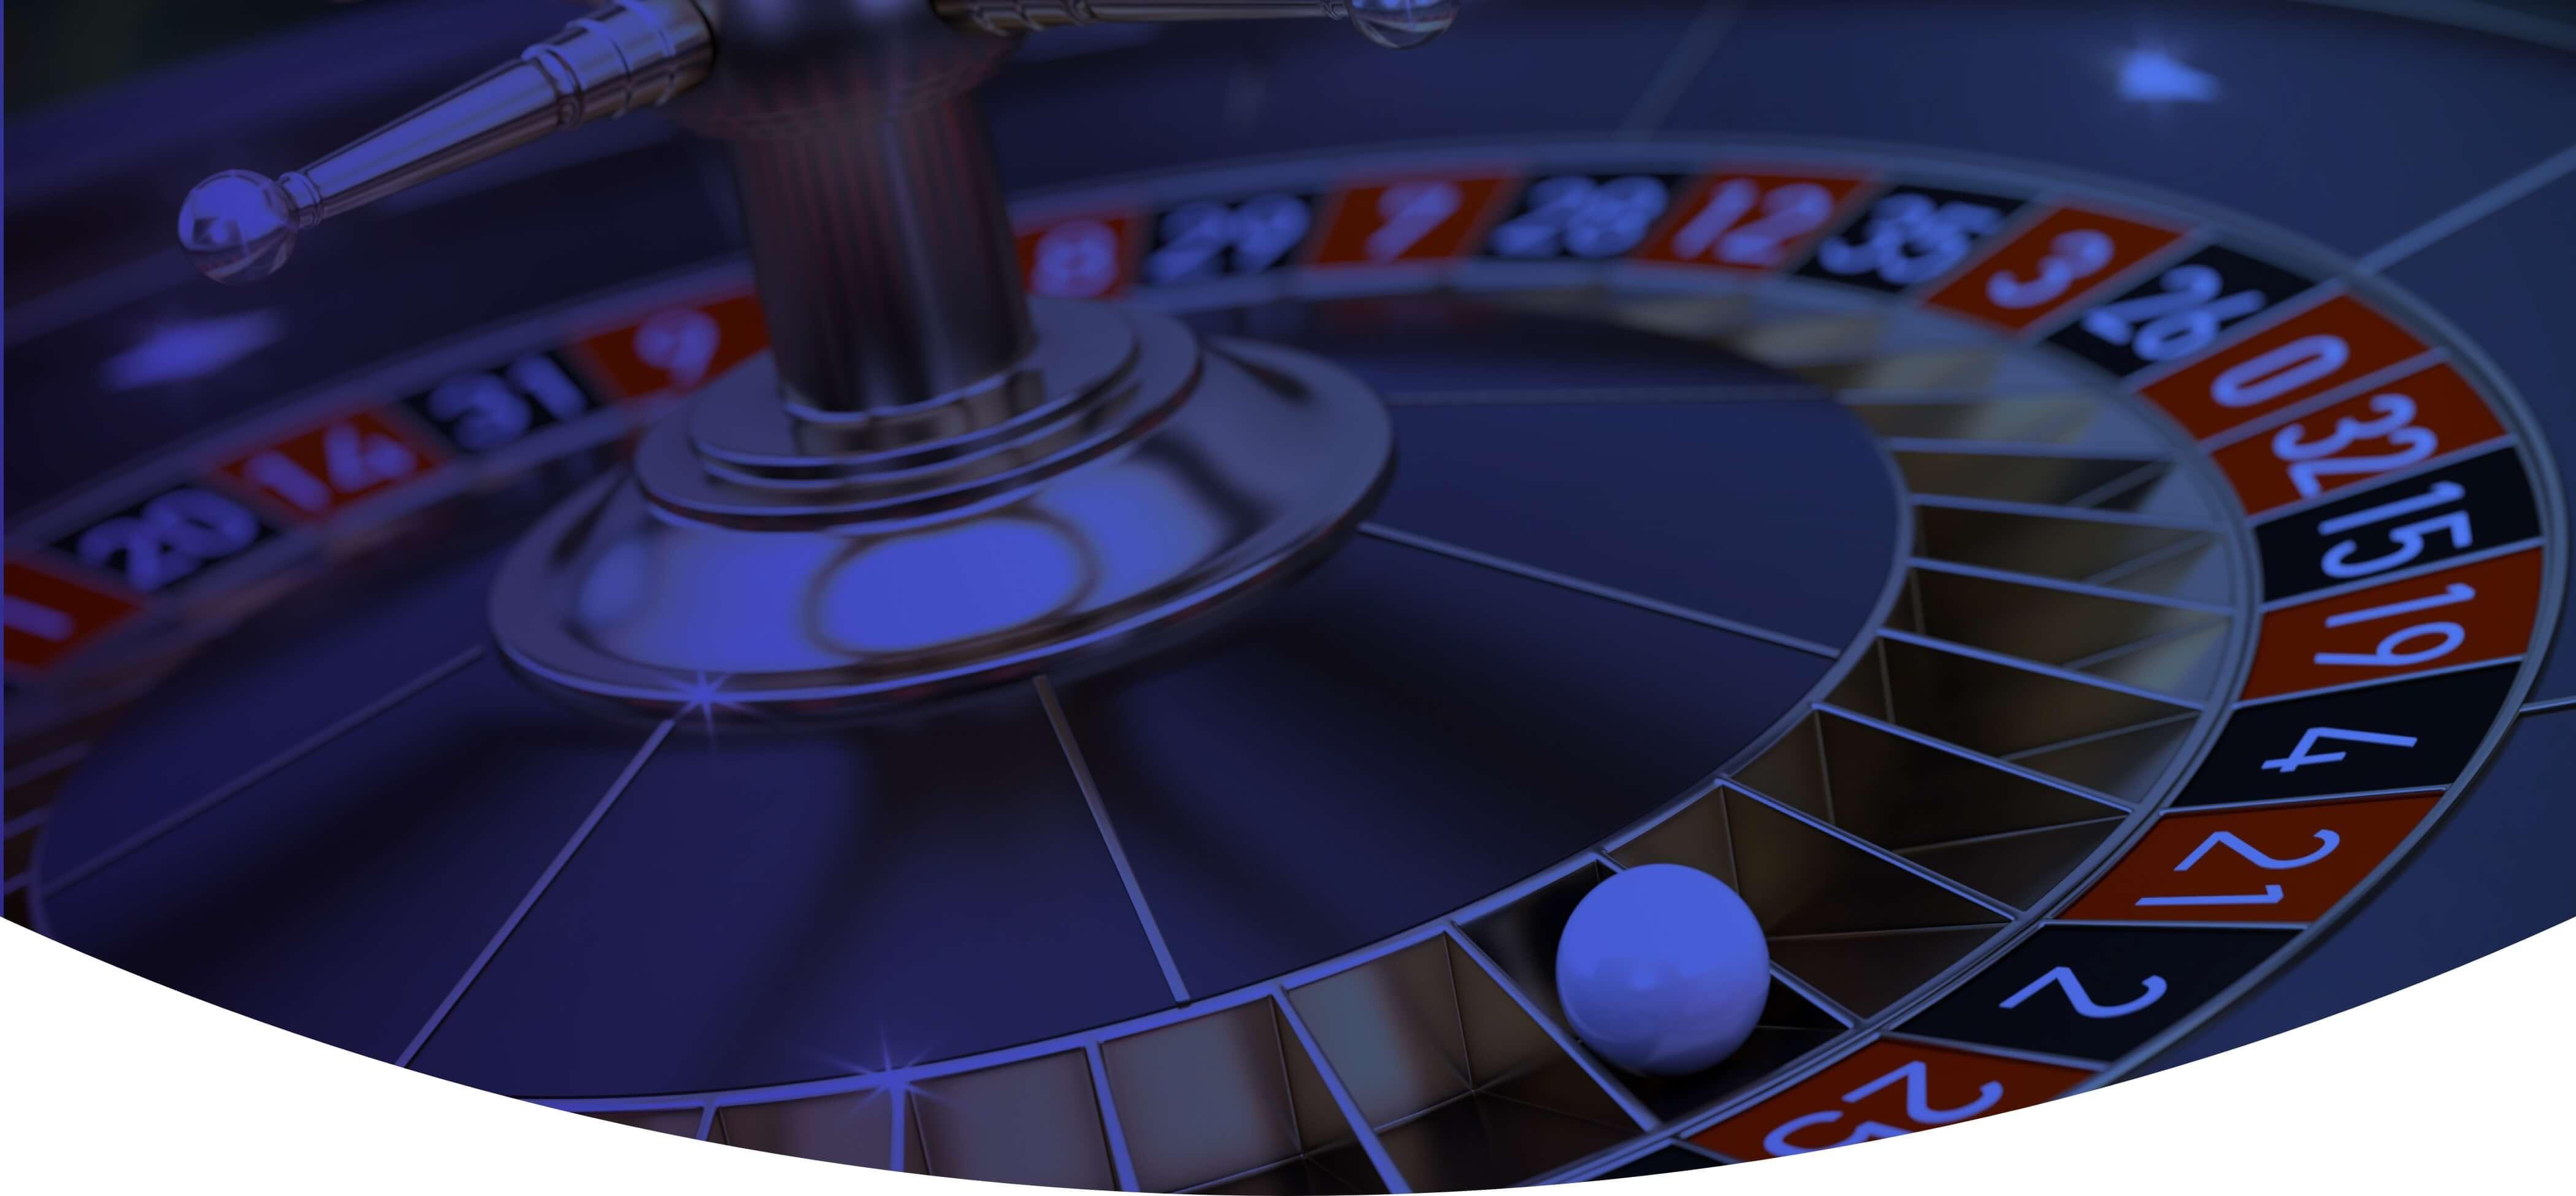 Onlinecasino Eu Online Casino Guide Top Best Online Gambling Sites